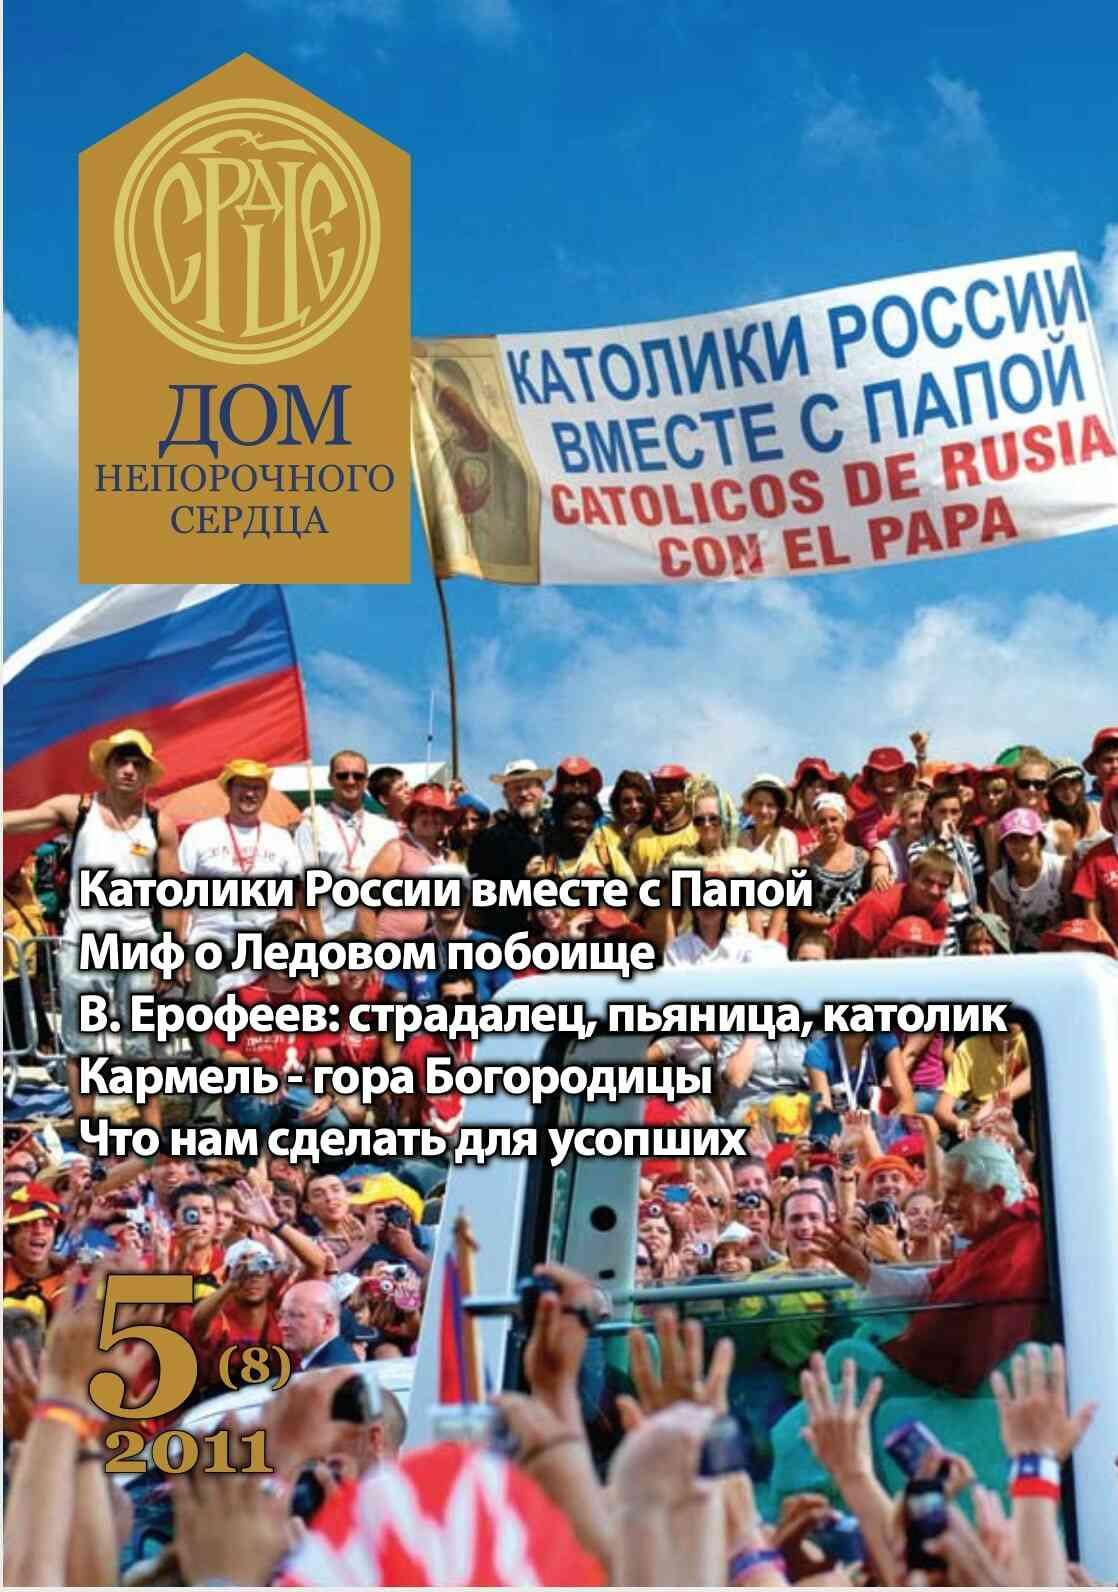 Журнал «Дом Непорочного Сердца» № 5 (8) 2011 год